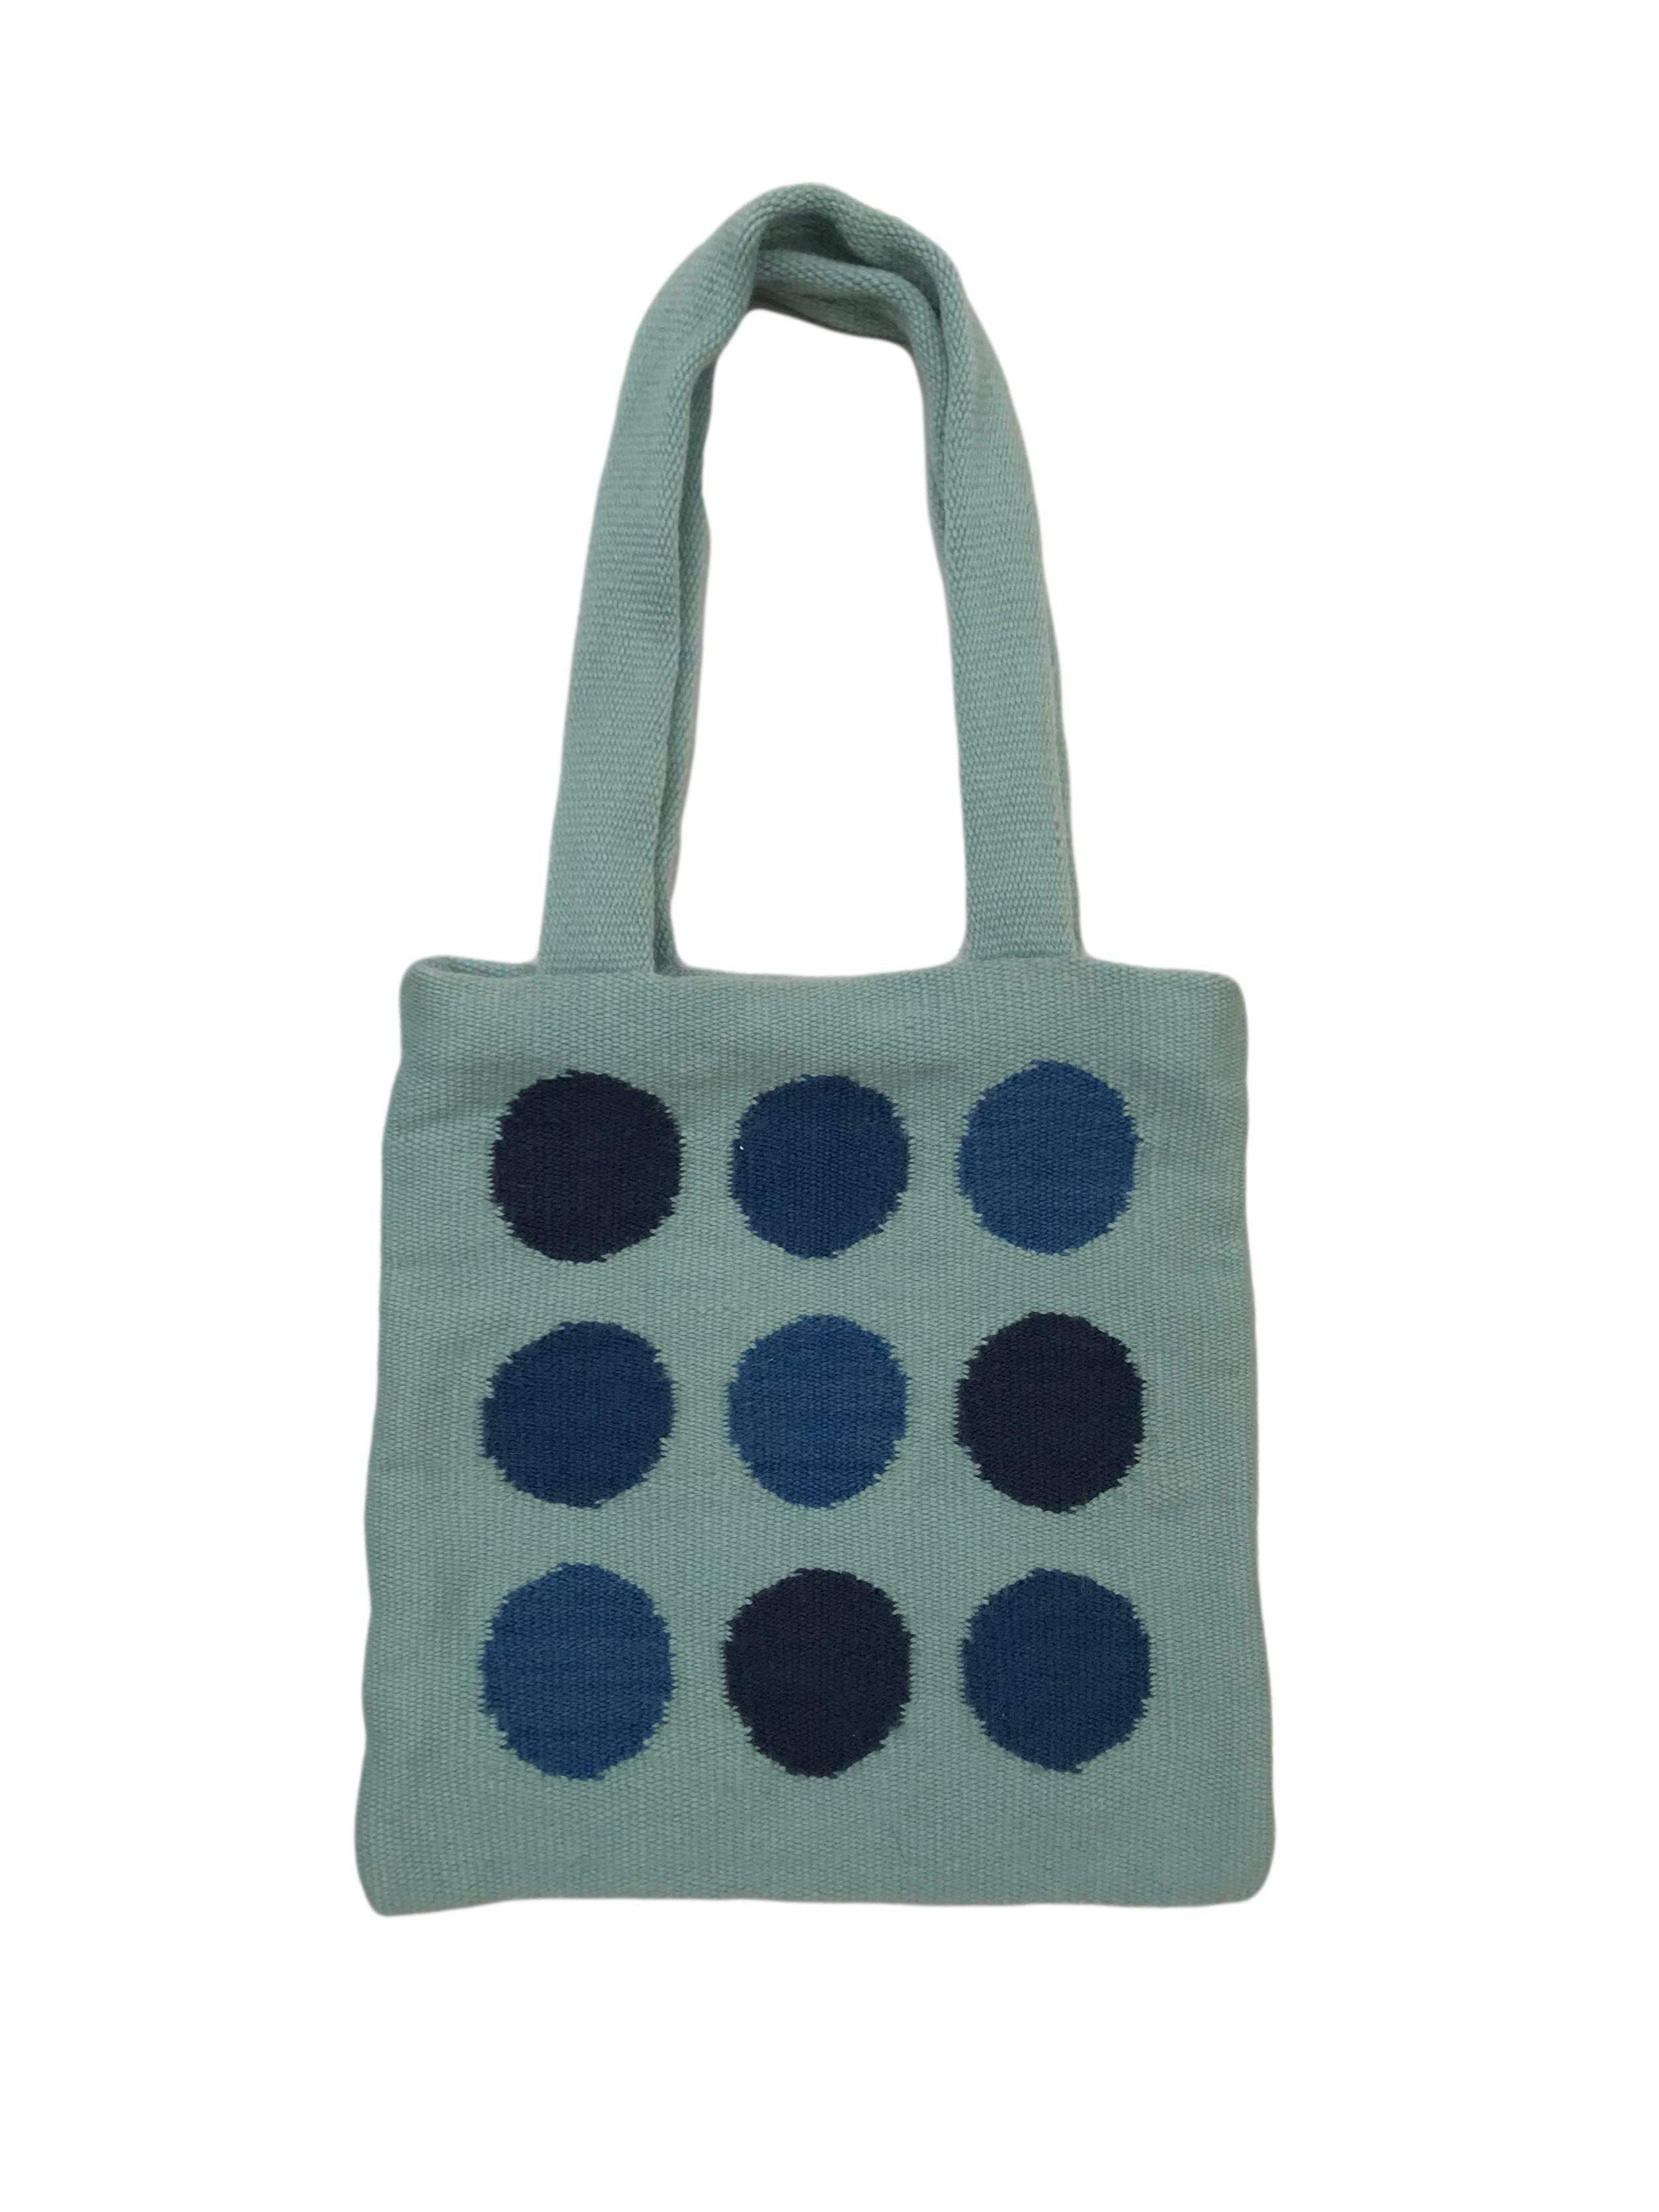 Bolso de punto celeste con doble asa, 9 maxi dots azules, lleva forro con bolsillo interior. Medidas 29x27cm